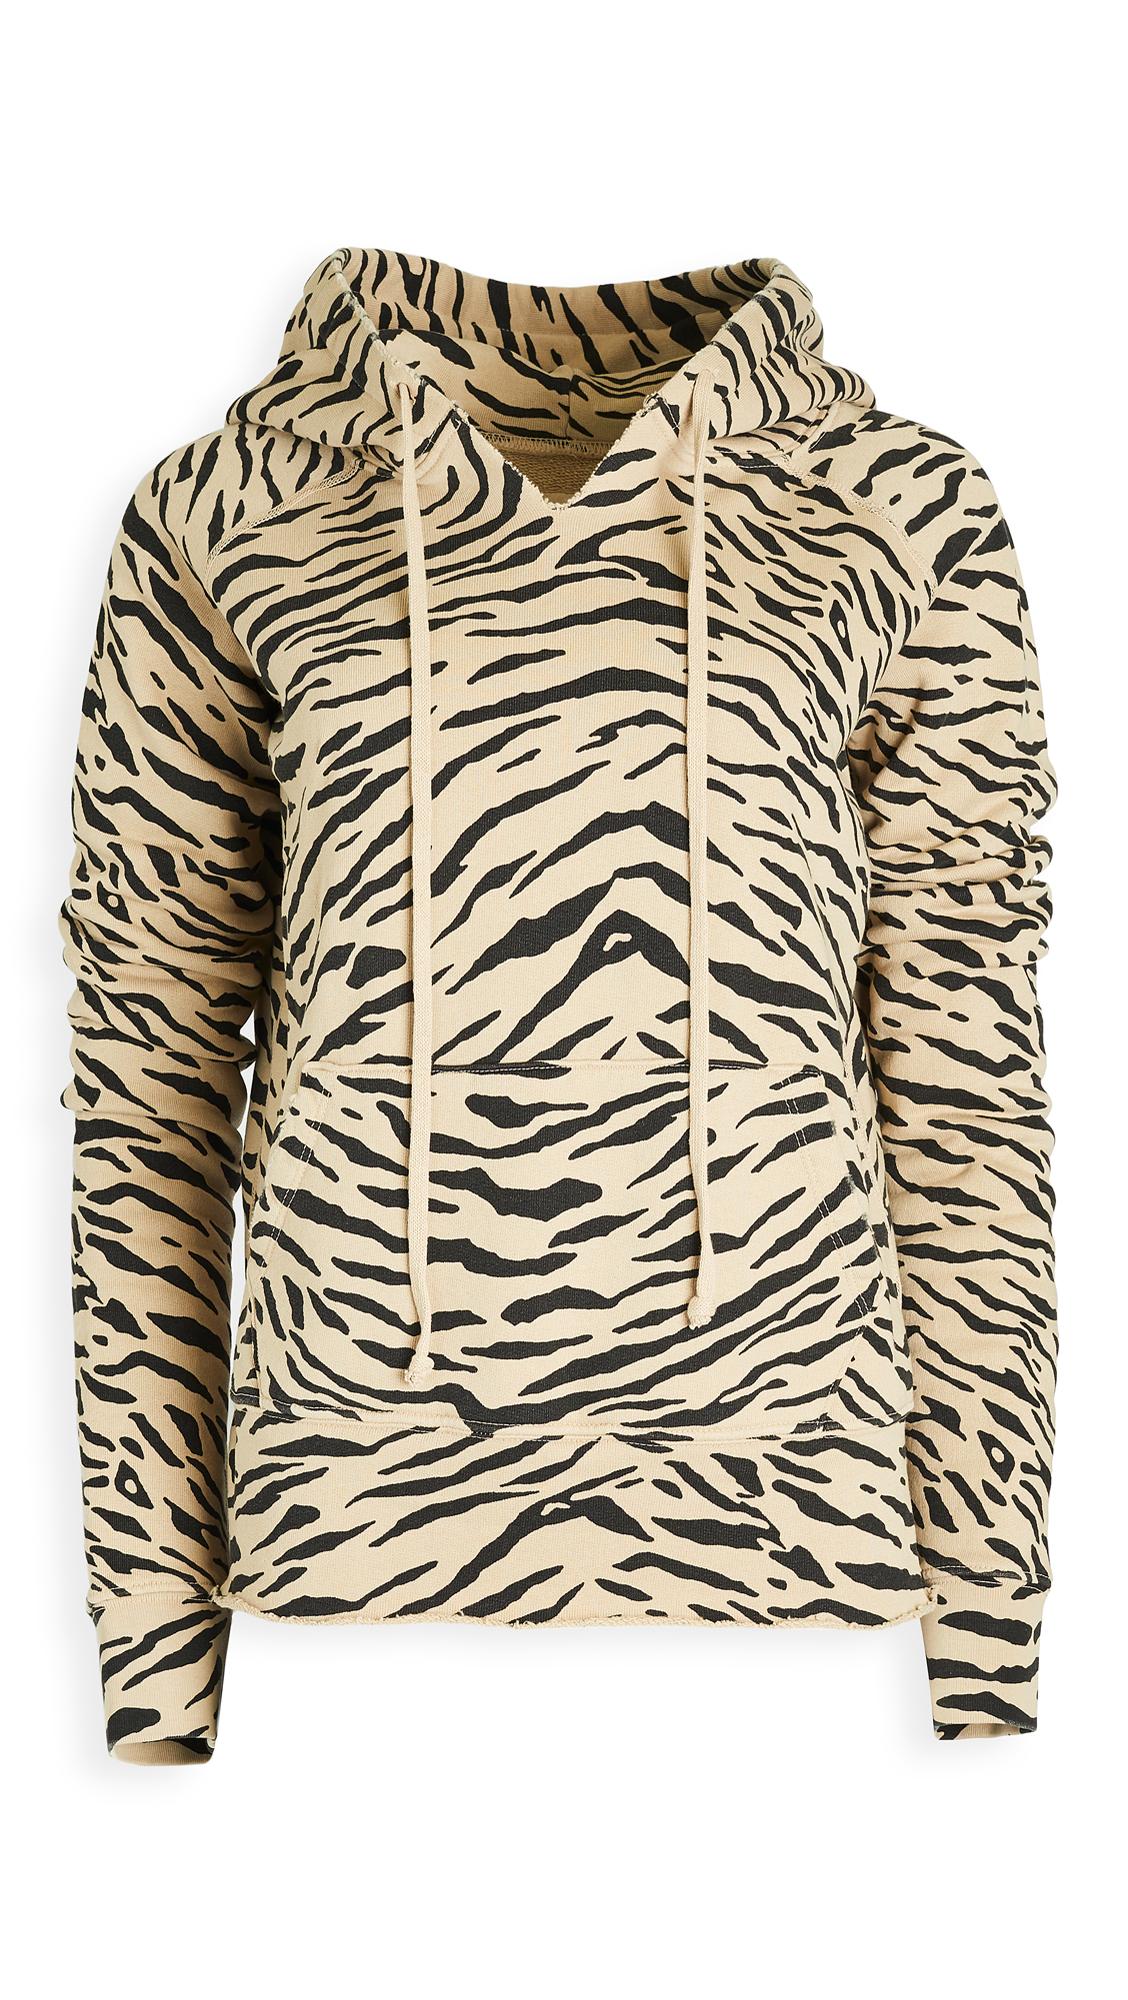 Nili Lotan Rayne Sweatshirt – 30% Off Sale